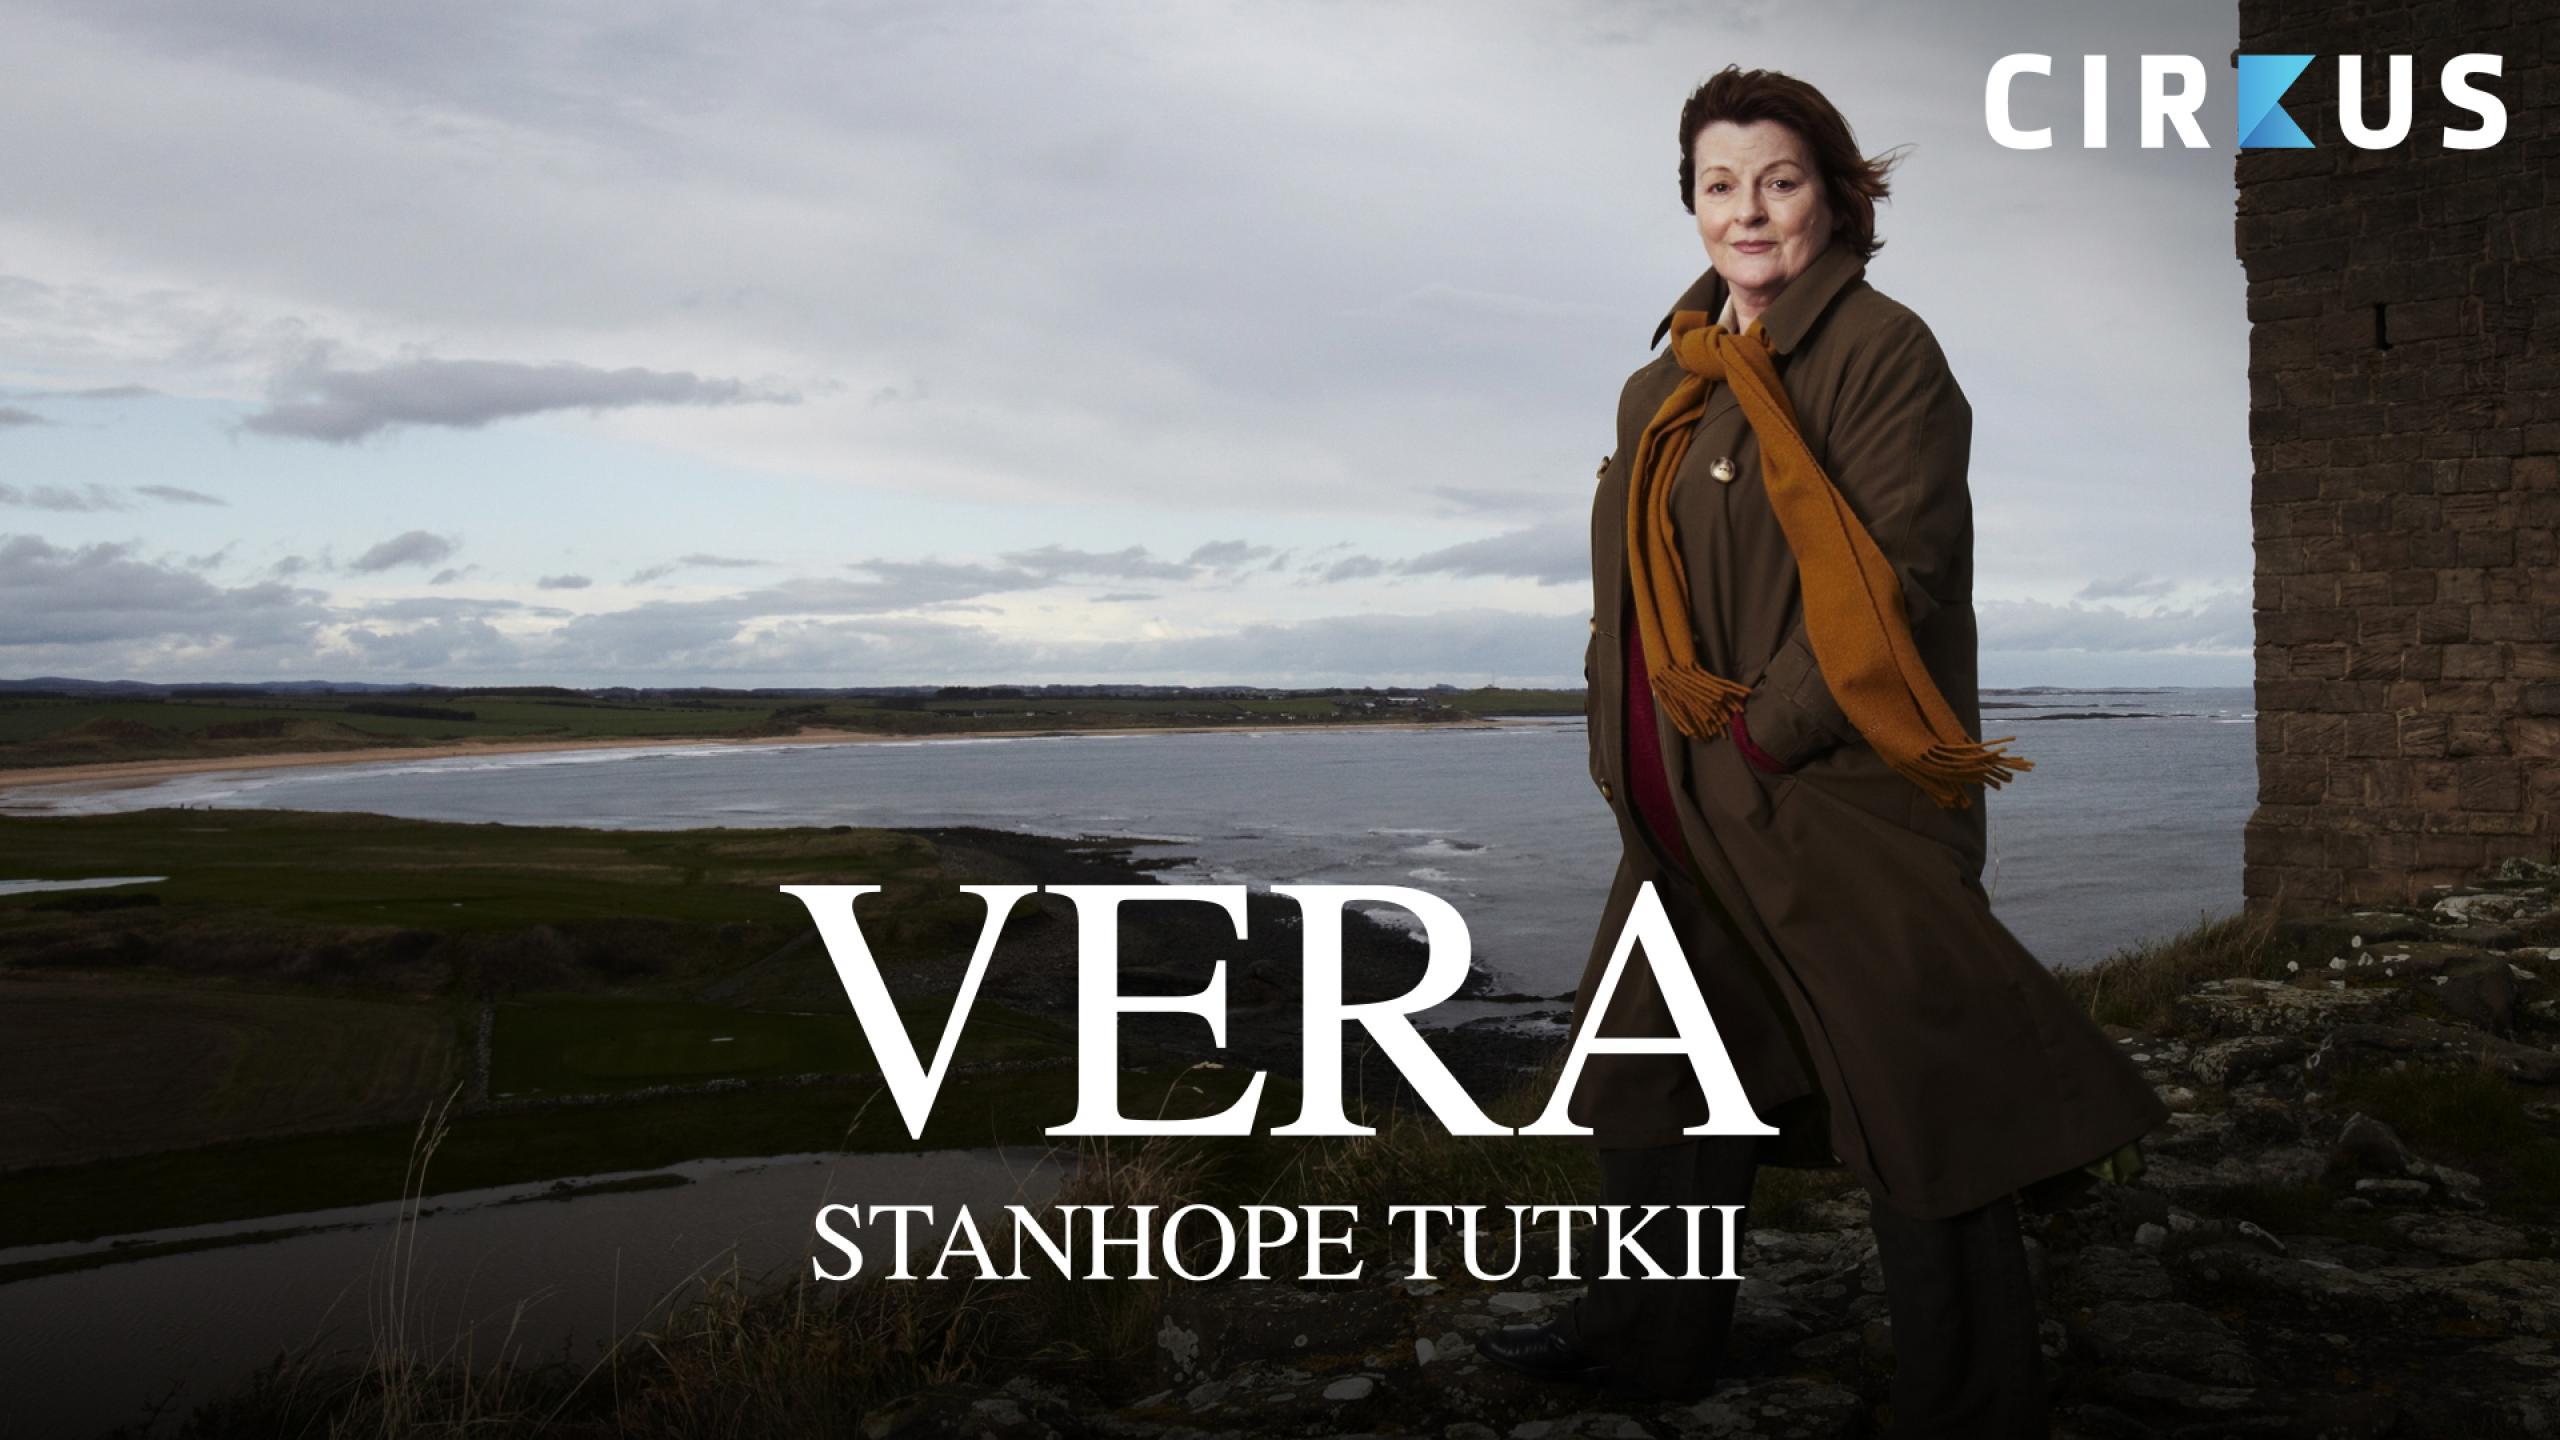 Vera Stanhope Tutkii